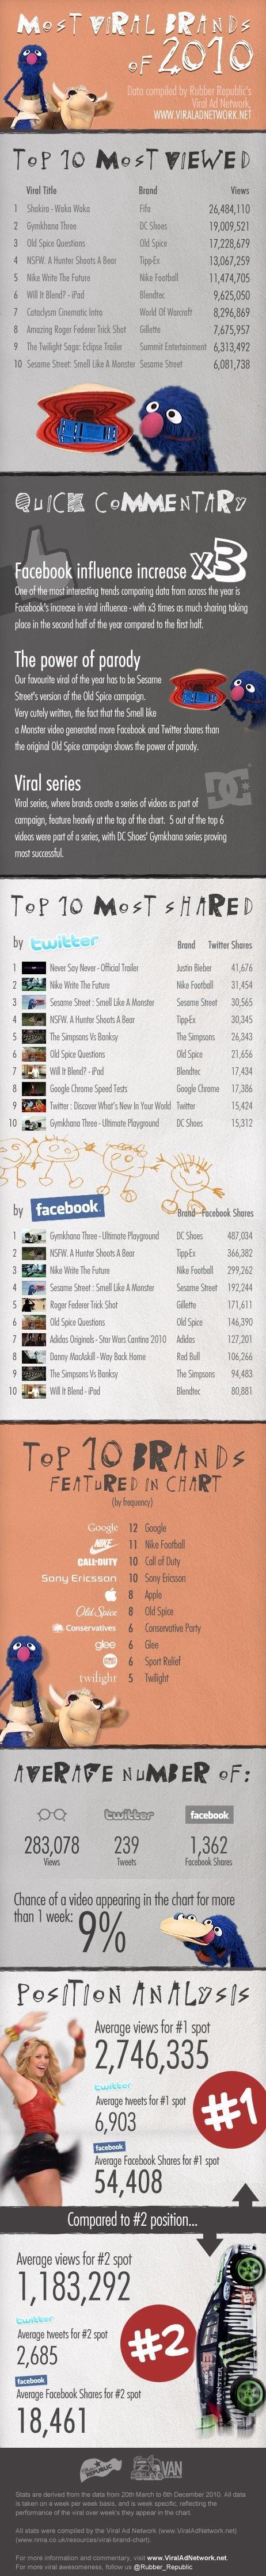 I brand più virali del 2010 [INFOGRAFICA]